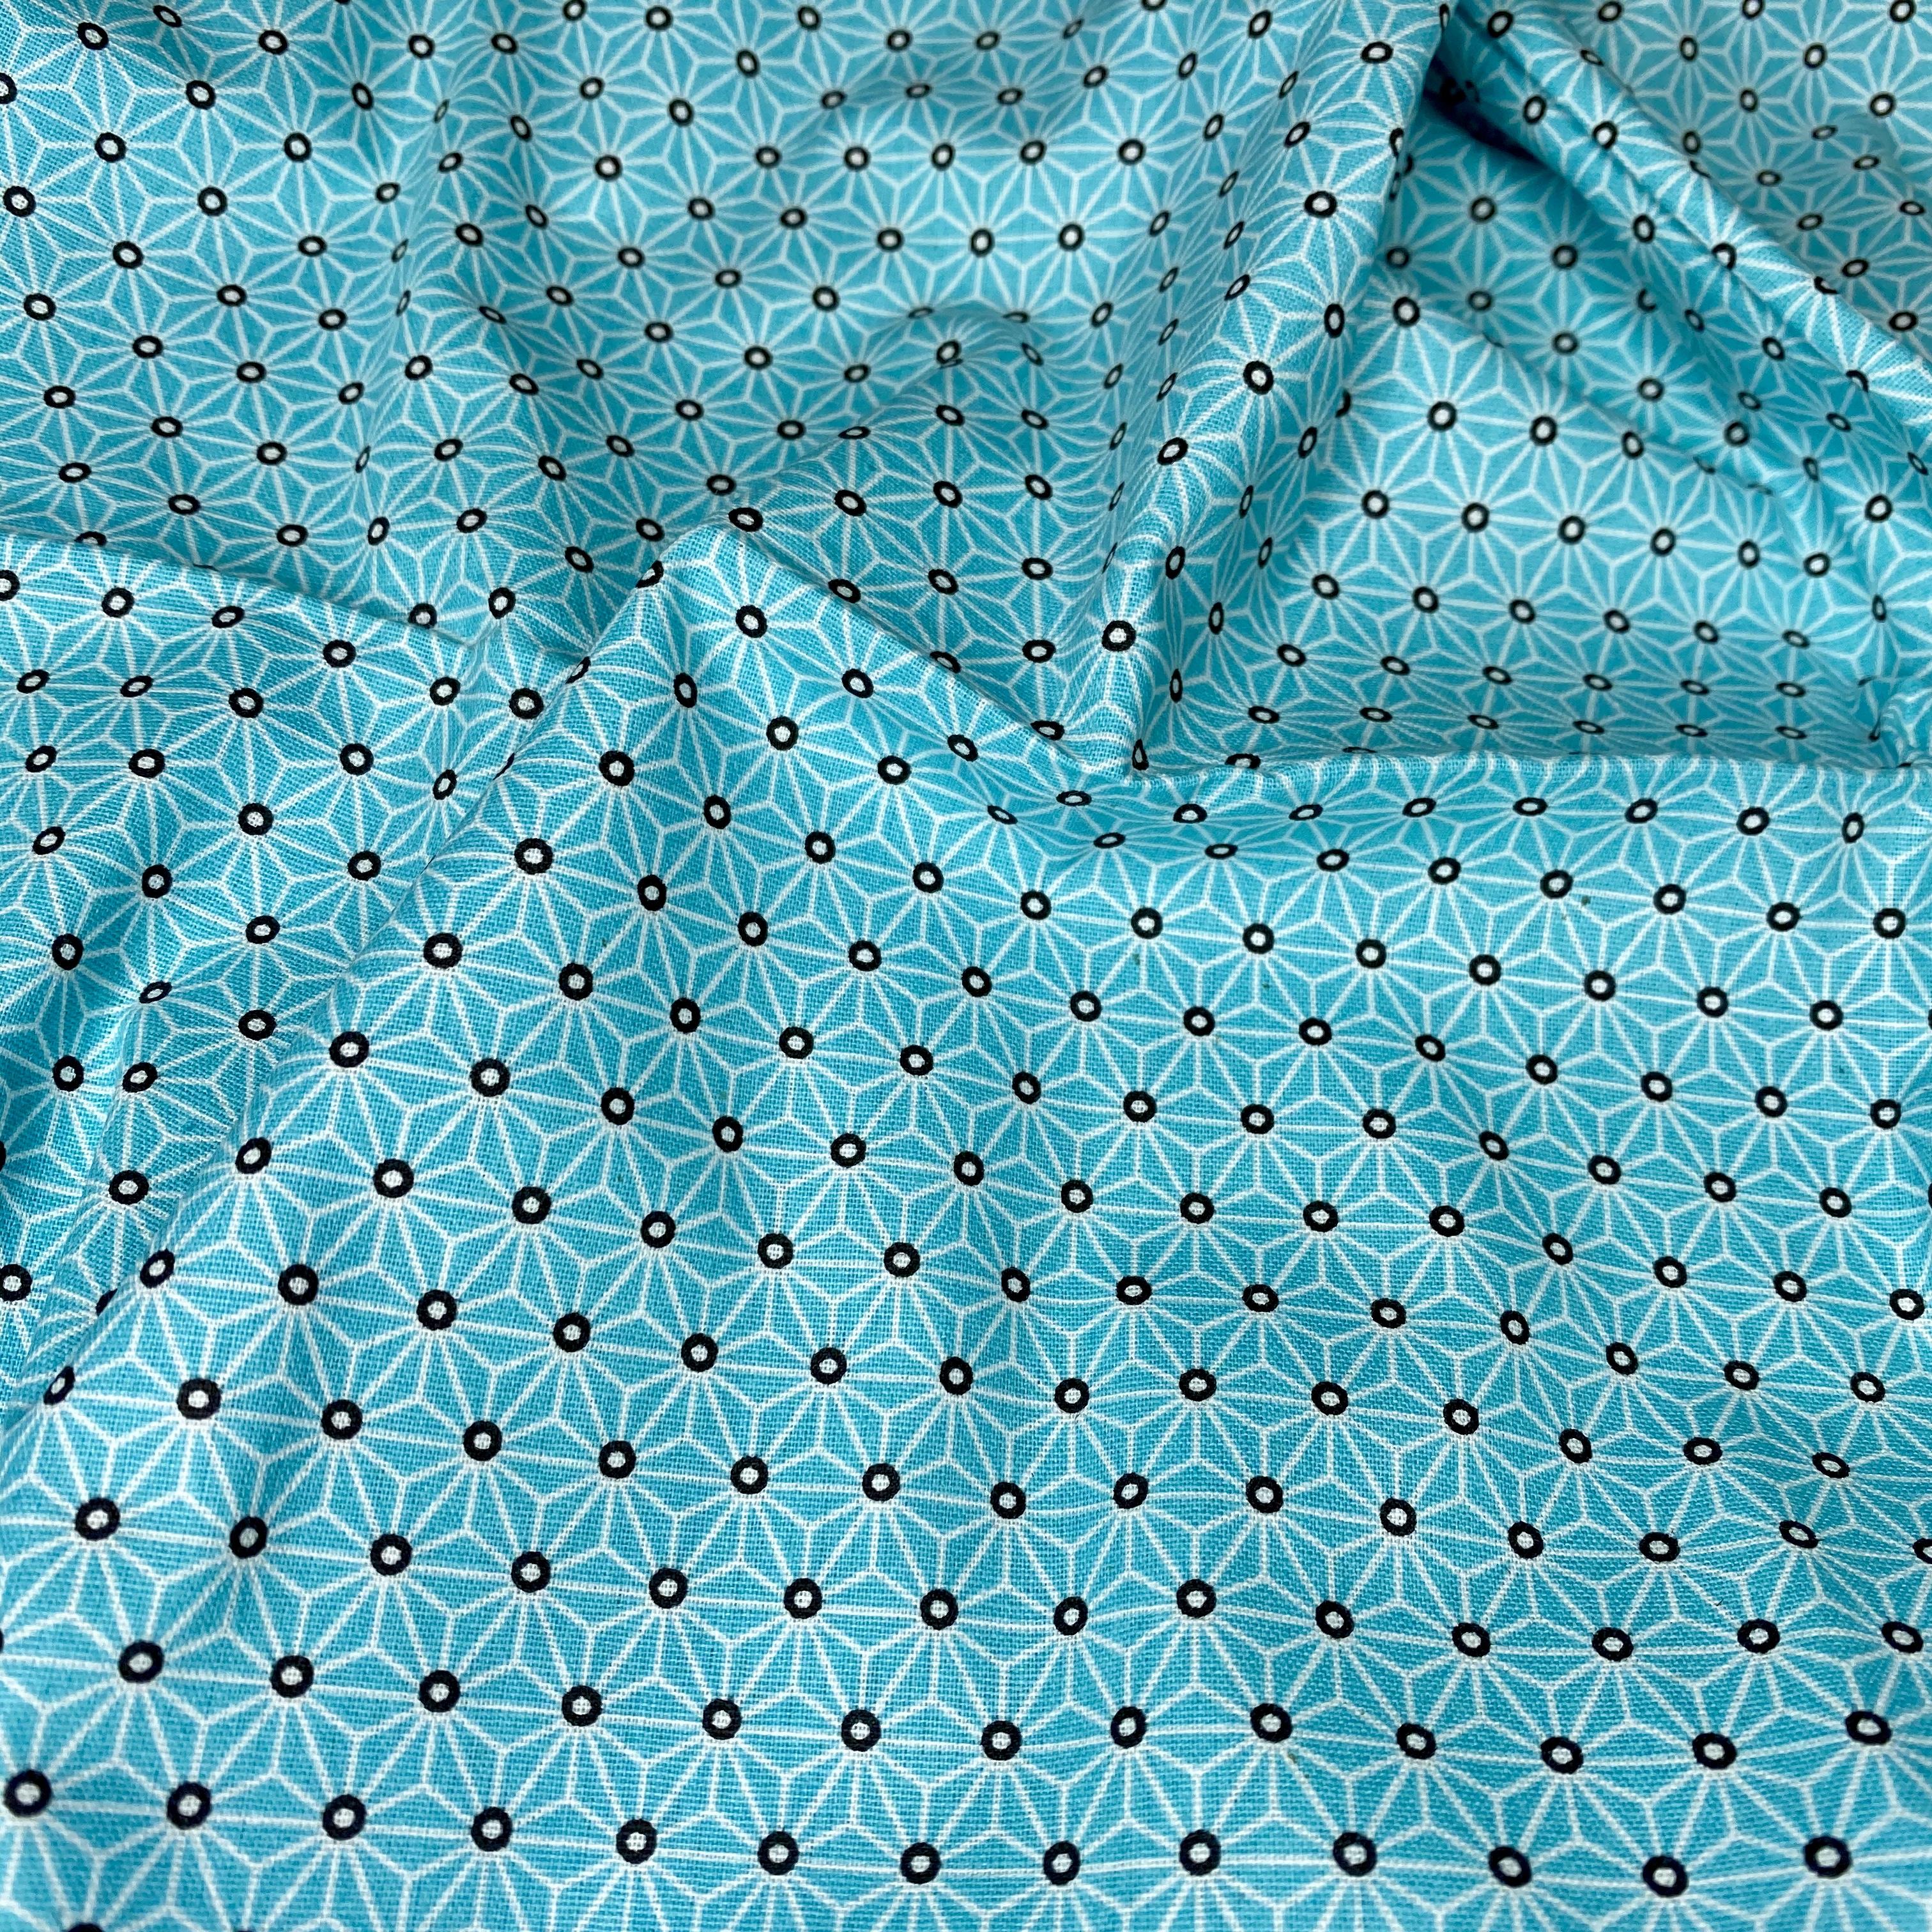 524_Saki Bleu turquoise